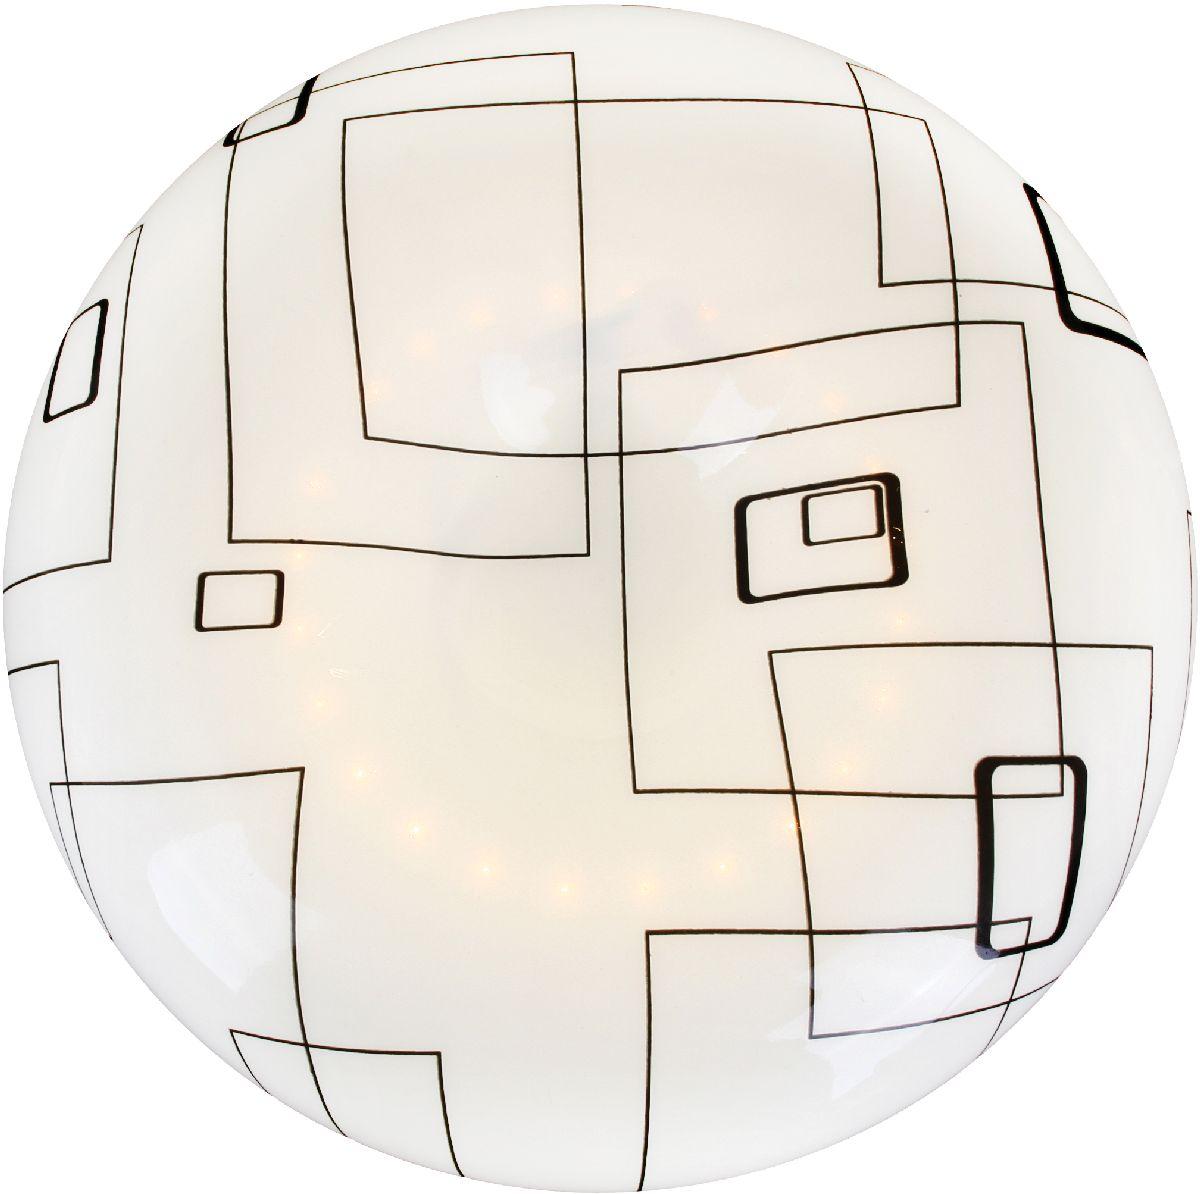 Светильник настенно-потолочный Camelion LBS-0601, LED, 12W, 4500K. 1268612686